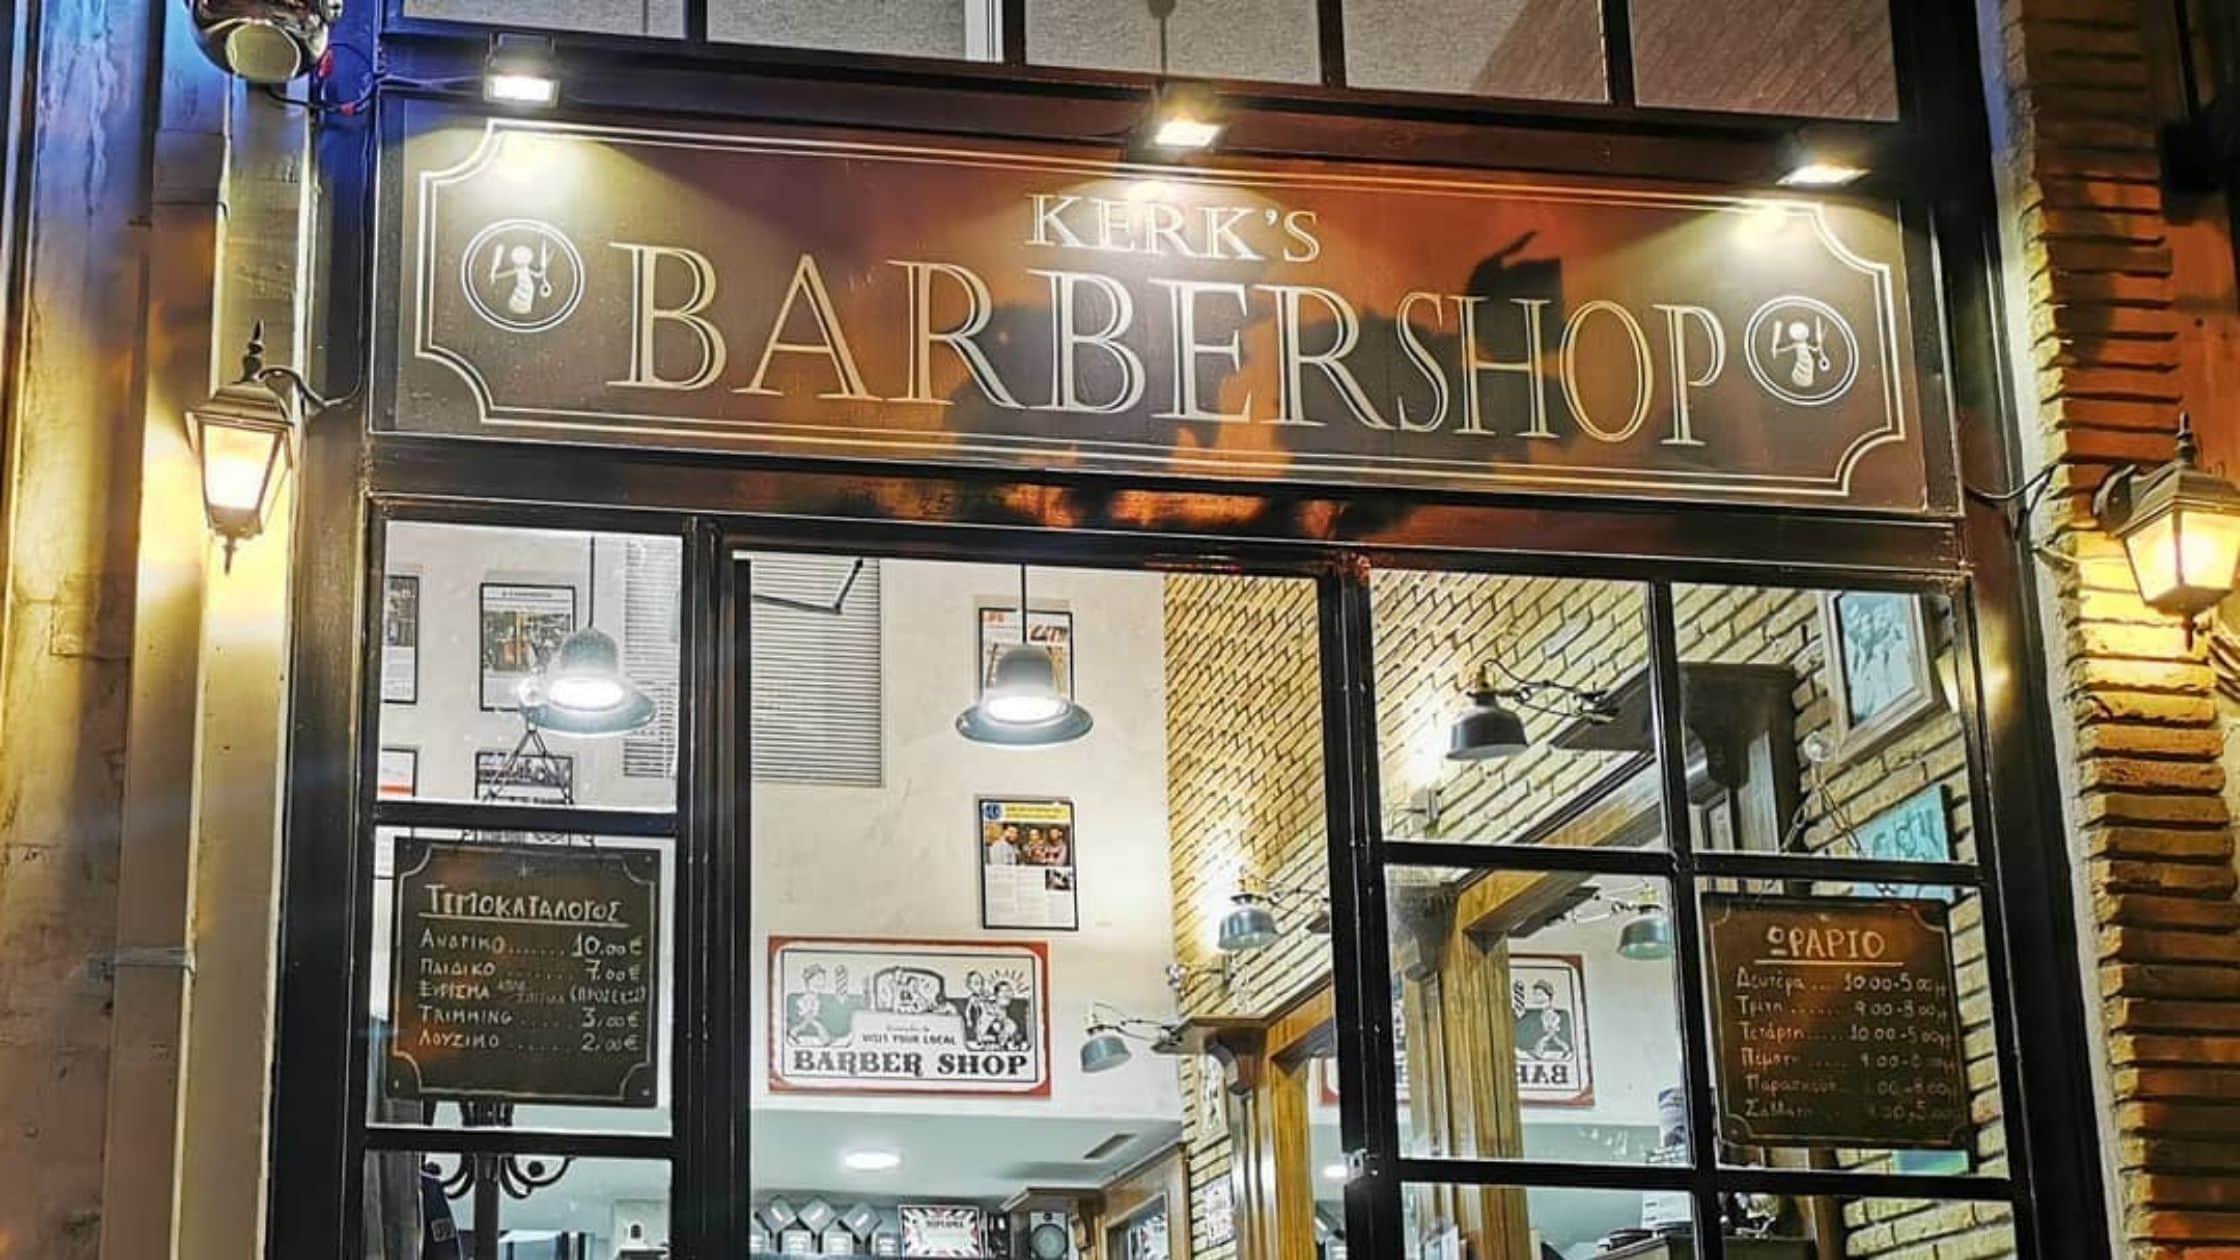 Barber μπαρμπεράδικα barbershop κουρείο μπαρμπέρικο